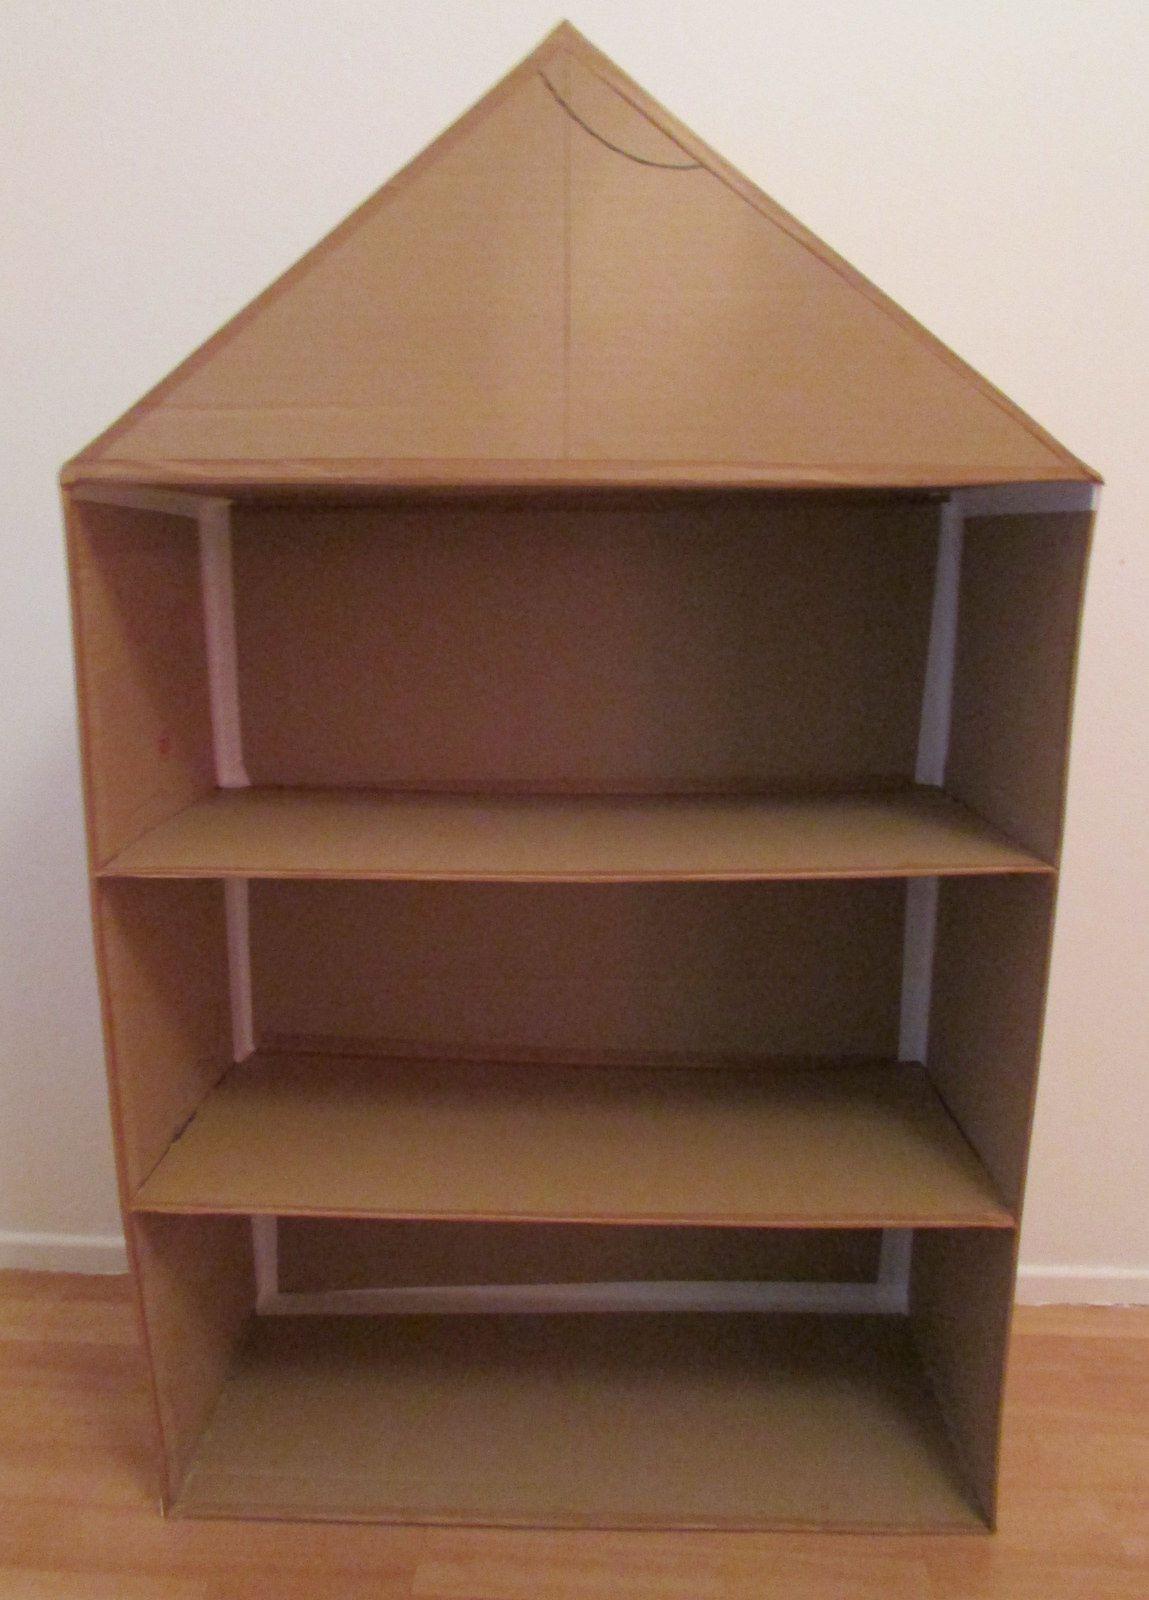 tuto etagere top etagere pas cher unique tuto tagre design de pierre bibliothque design pas. Black Bedroom Furniture Sets. Home Design Ideas